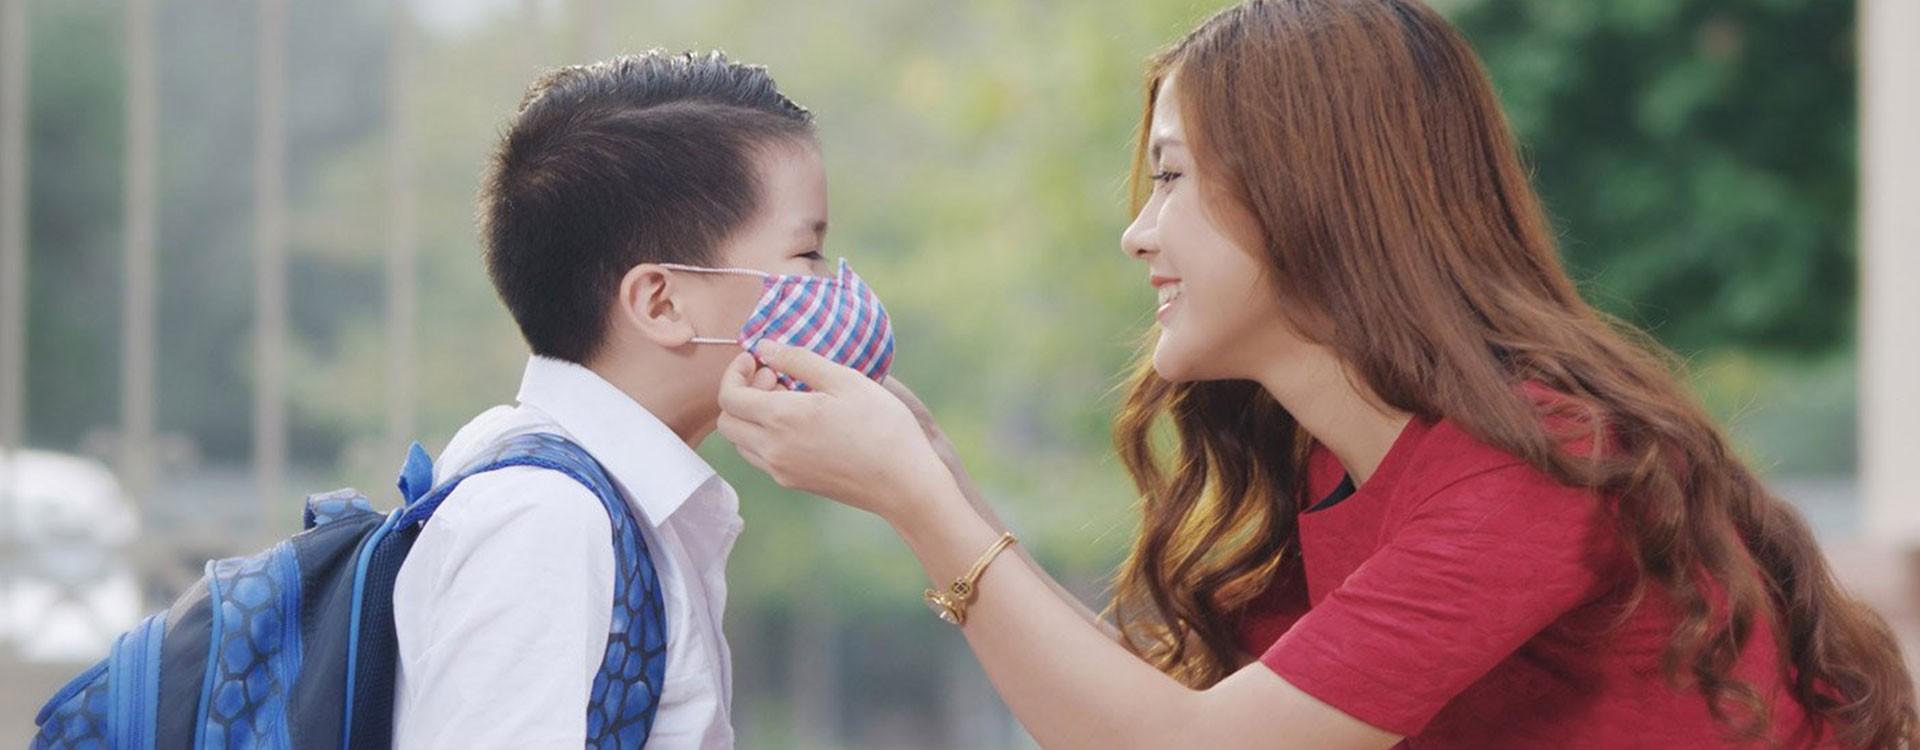 معرفی و بررسی انواع ماسک تنفسی ، ماسک دهانی و پزشکی در مجله پزشکی طب تولید